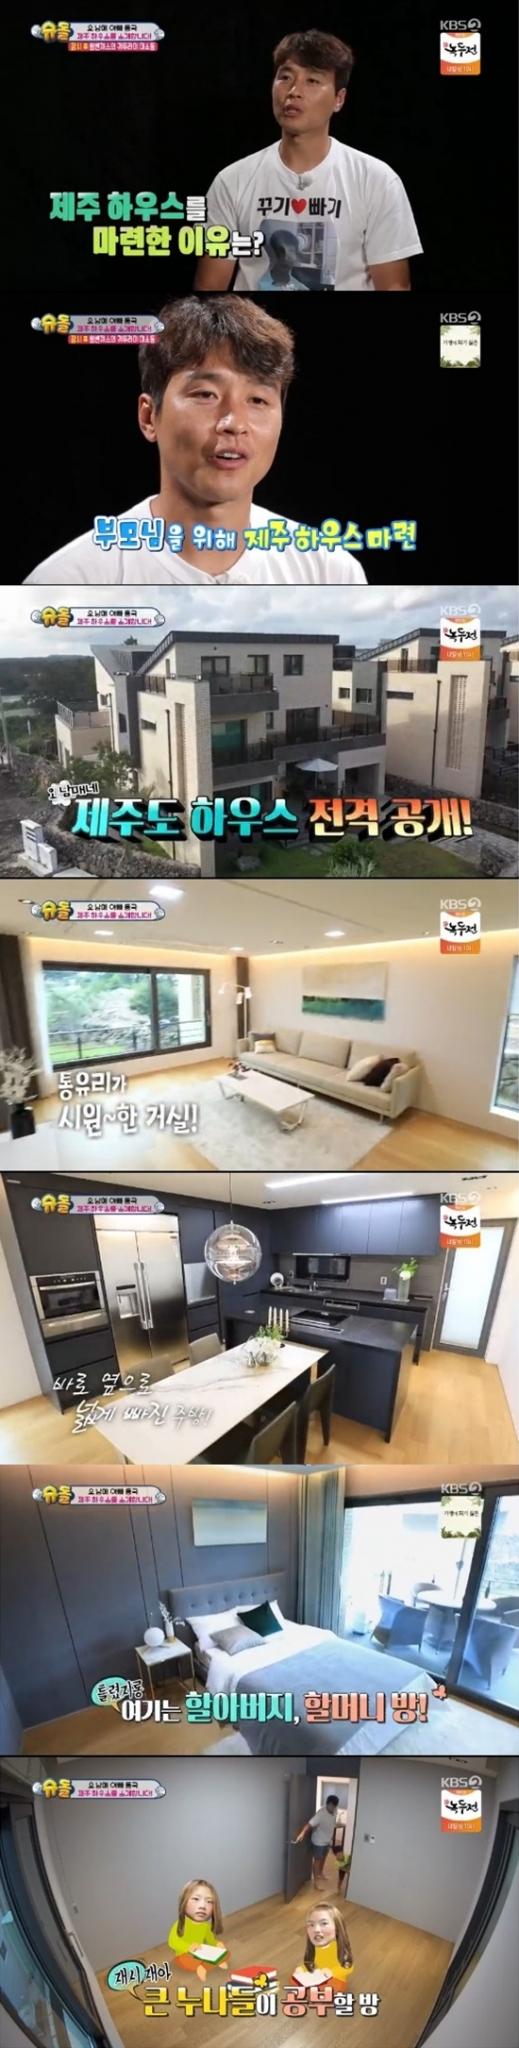 이동국 제주도집 '화제'…3층+ 마당+야외수영장 까지?